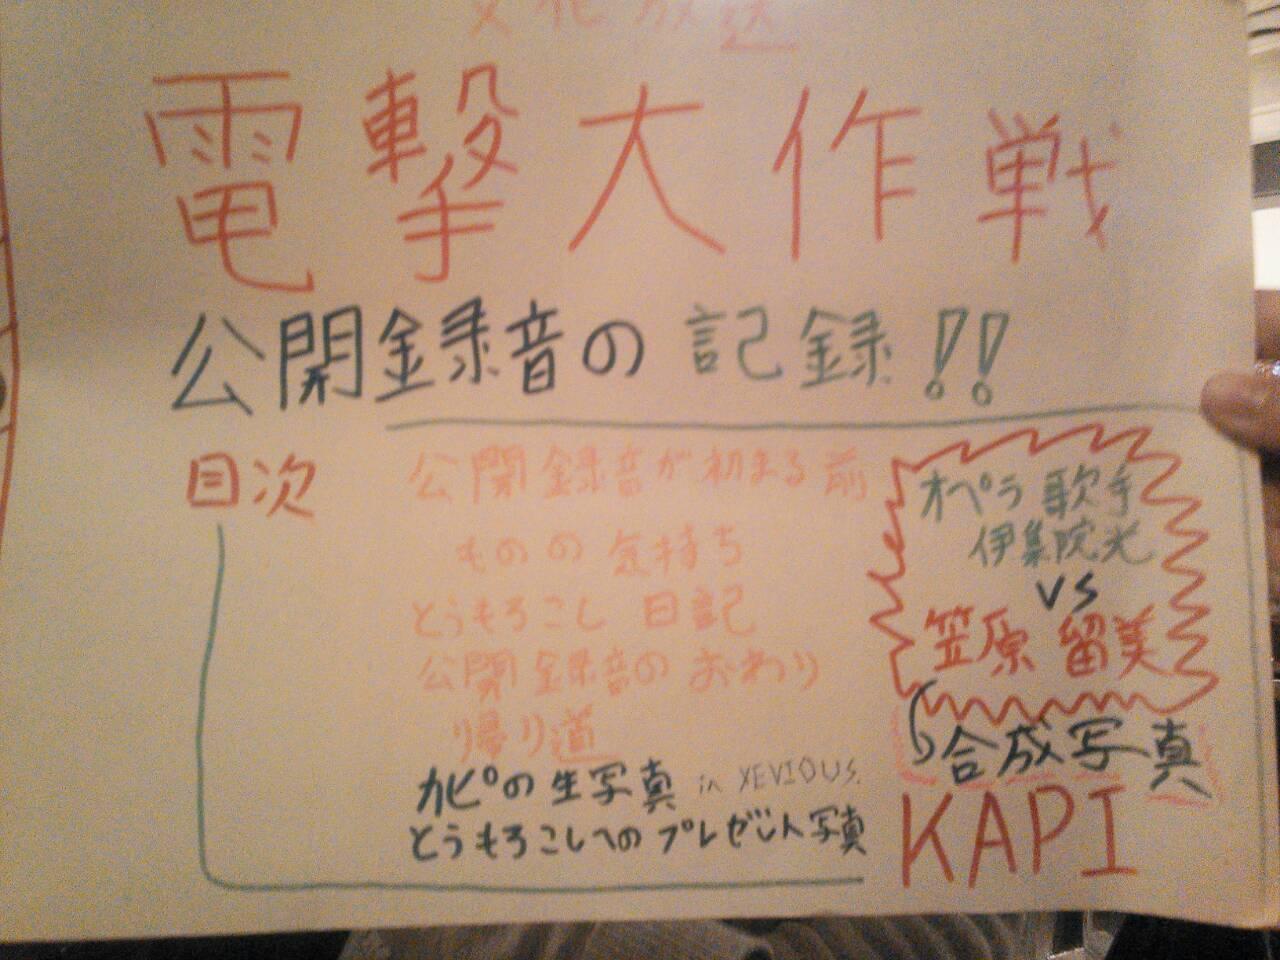 その後、又集まる田中_a0163623_21004970.jpg